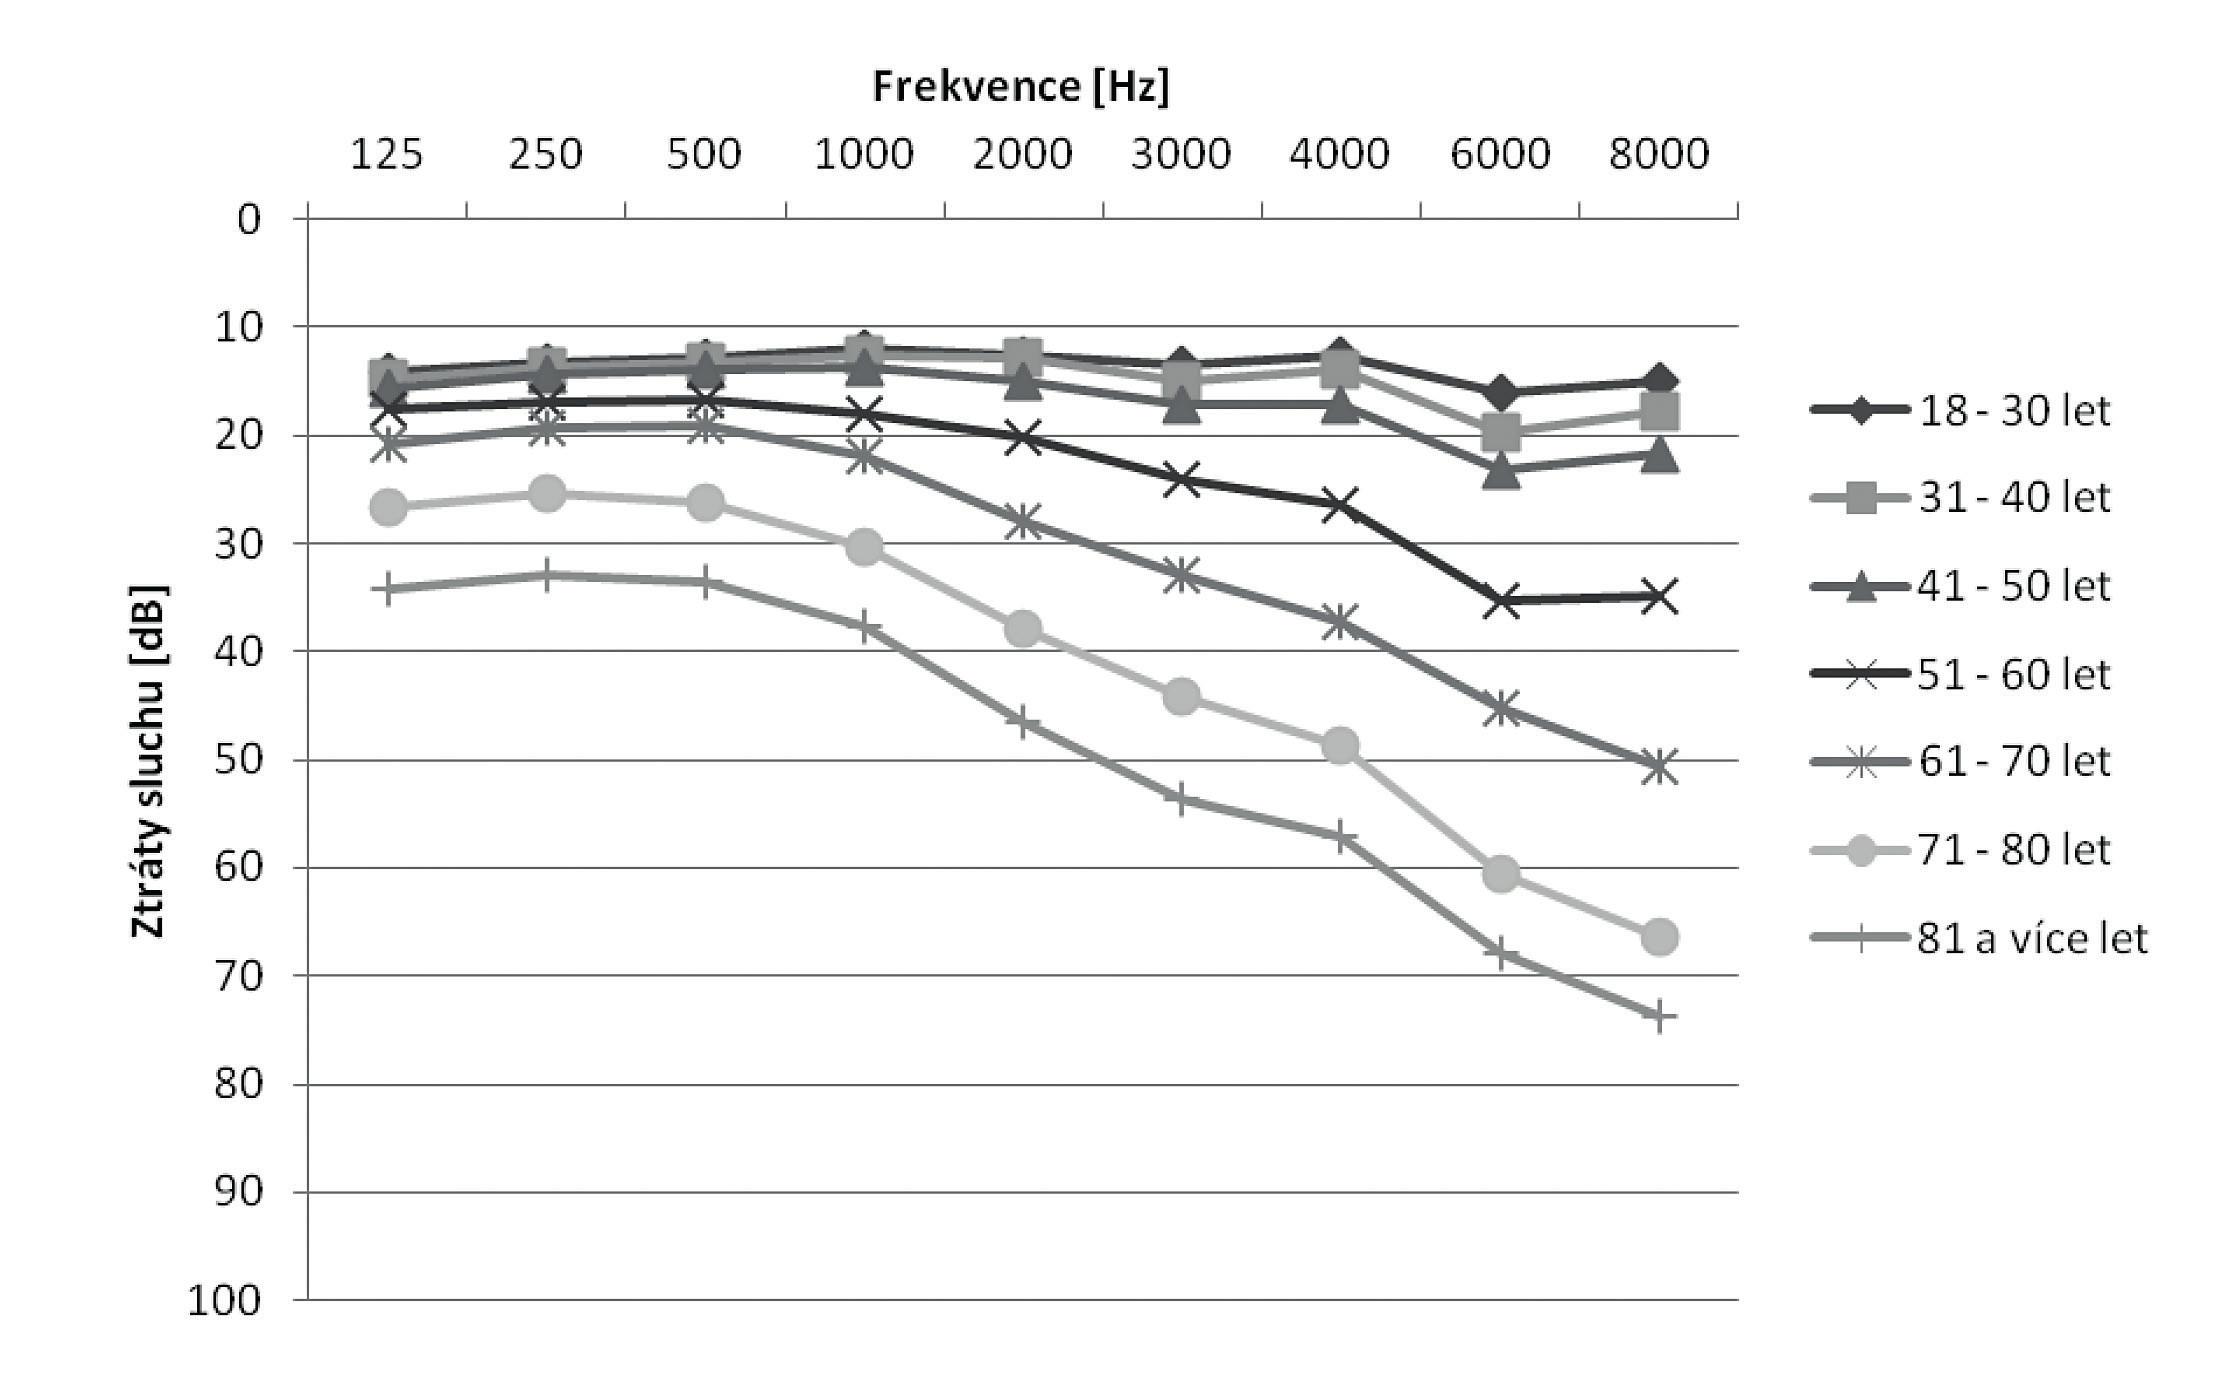 Průměrné ztráty sluchu žen v riziku hluku v pracovním prostředí